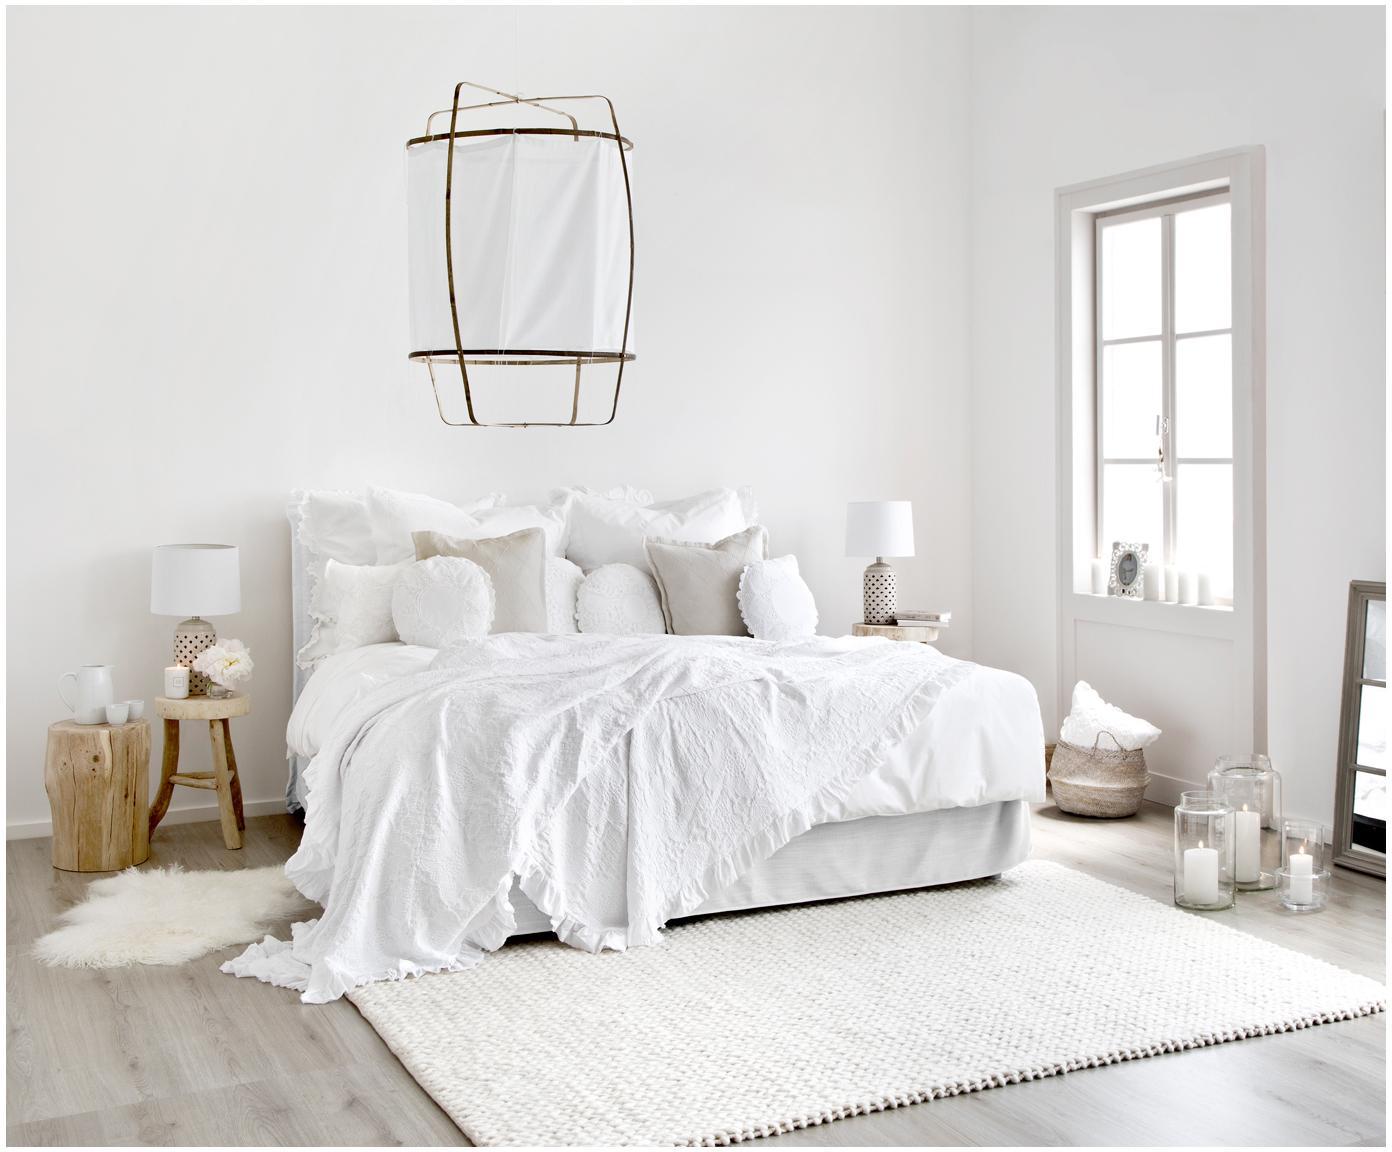 Łóżko kontynentalne premium Violet, Nogi: lite drewno bukowe, lakie, Jasny szary, 200 x 200 cm